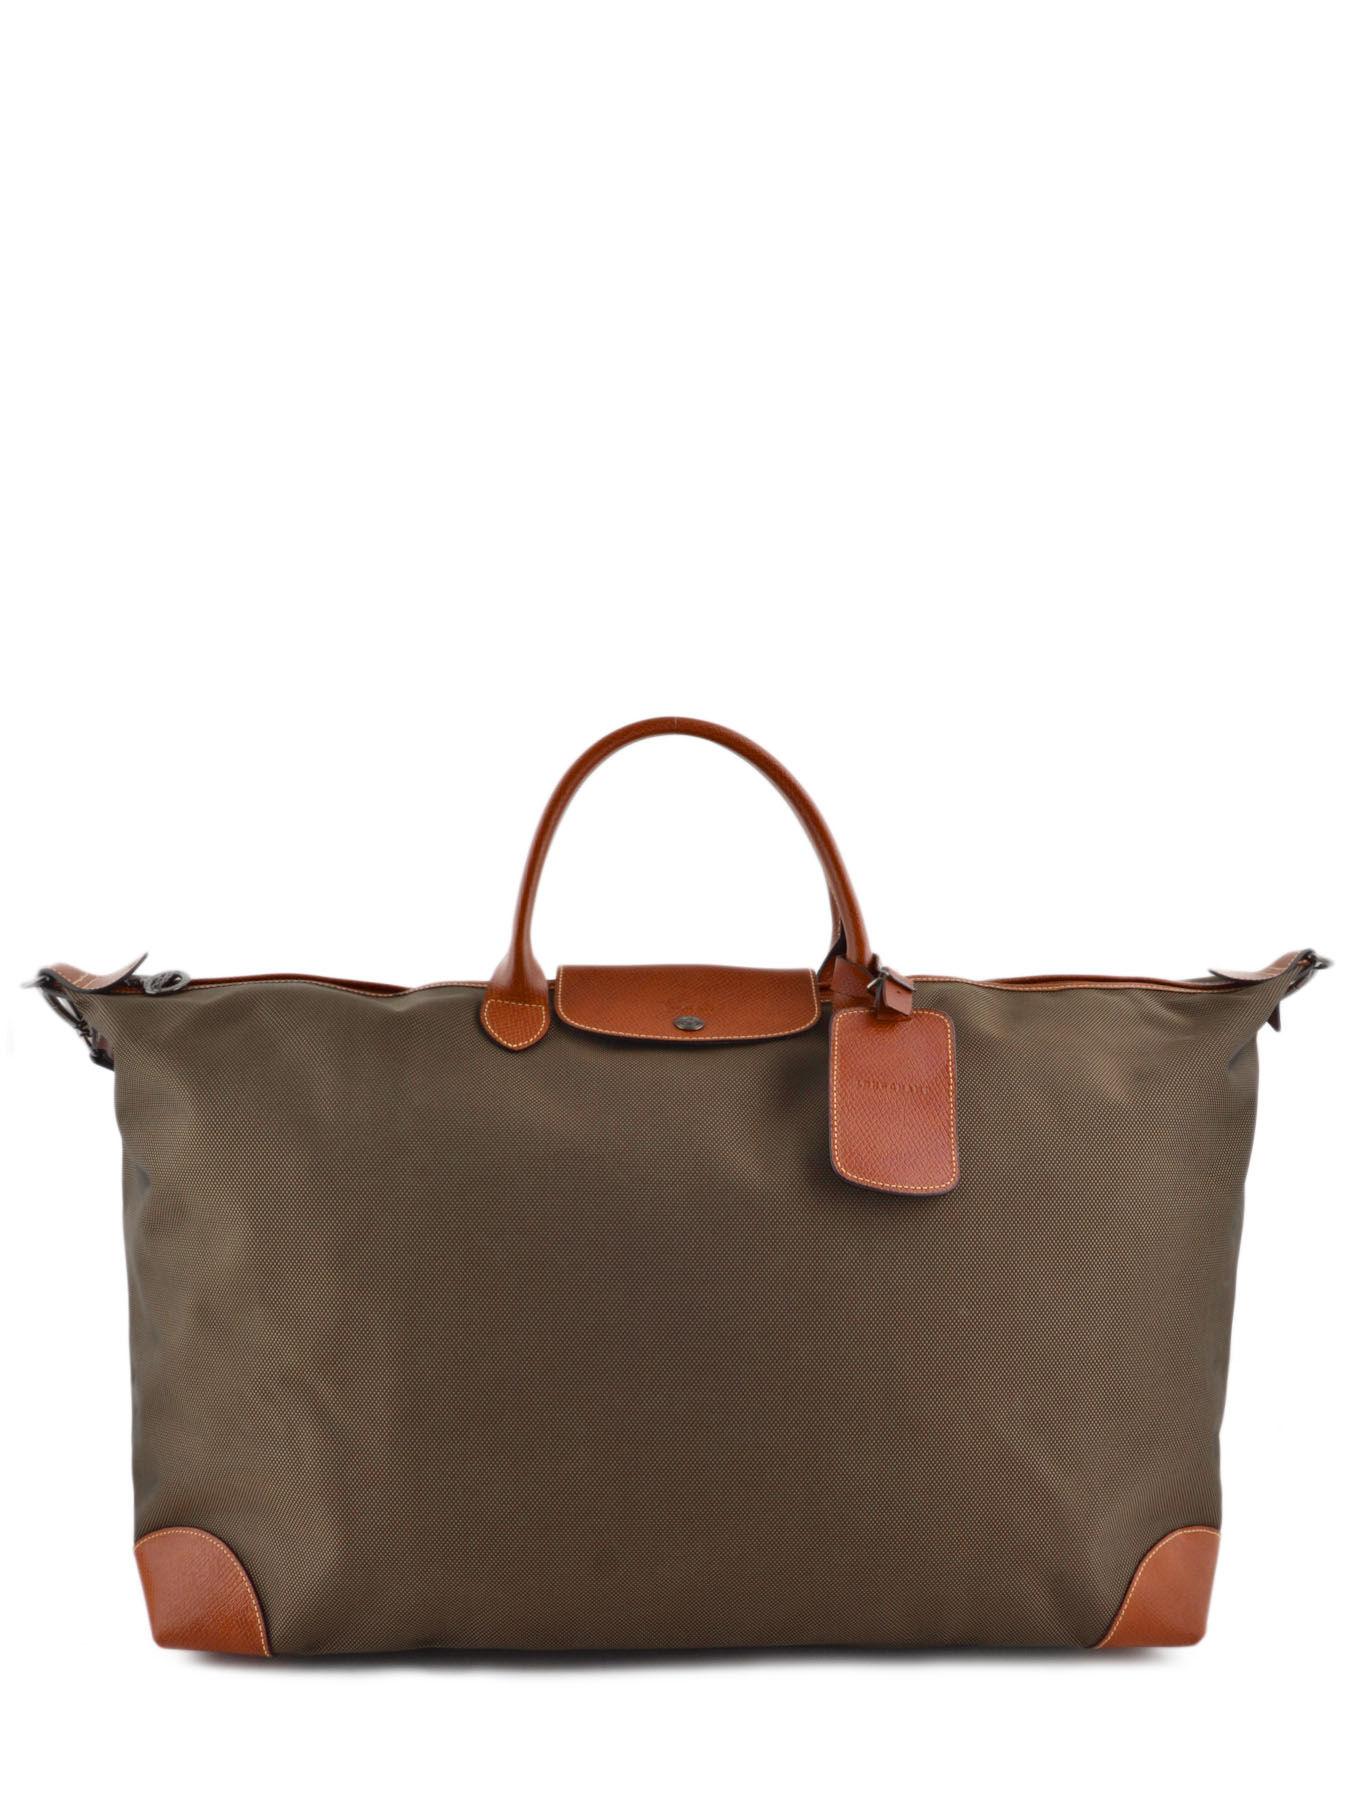 XL Boxford travel bag LONGCHAMP